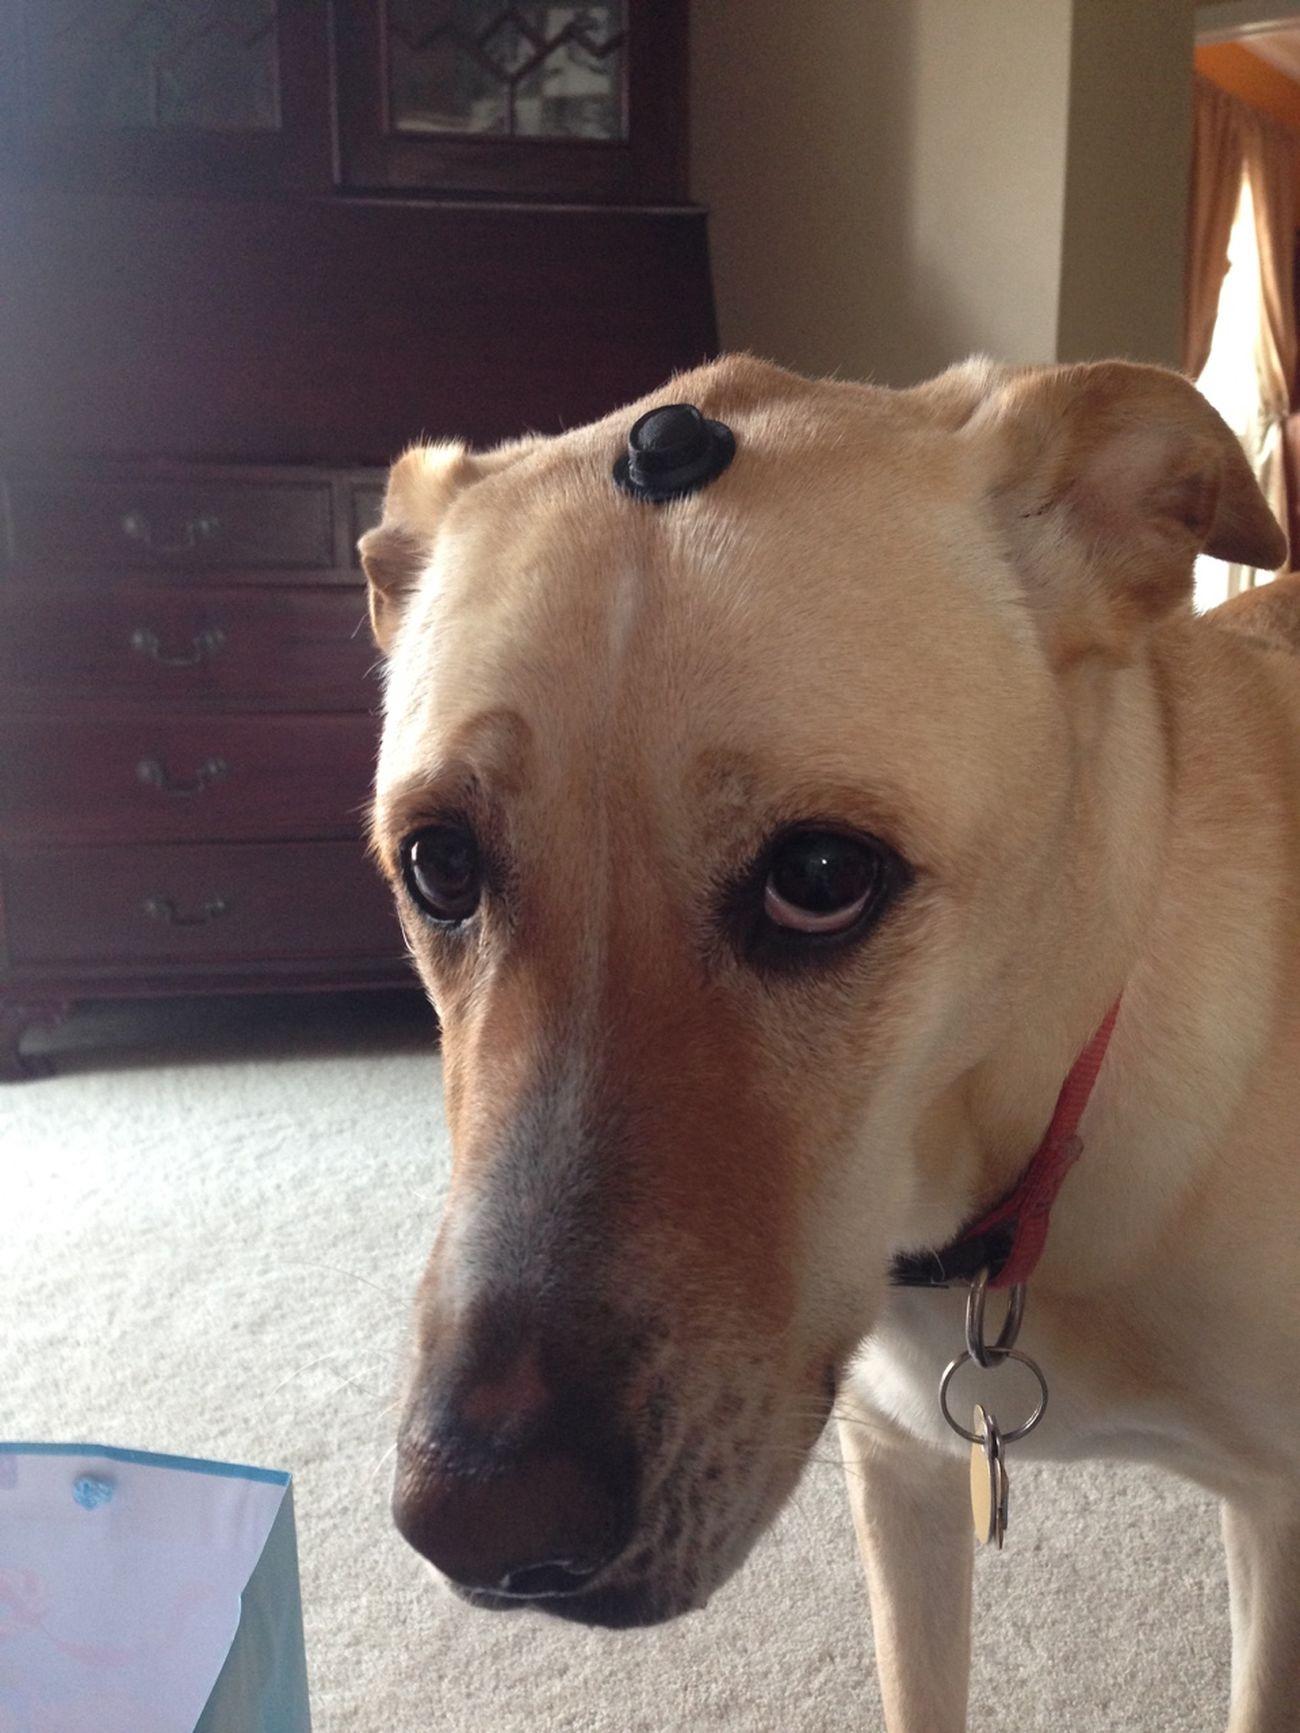 Dog Funny Mister Funny Dog